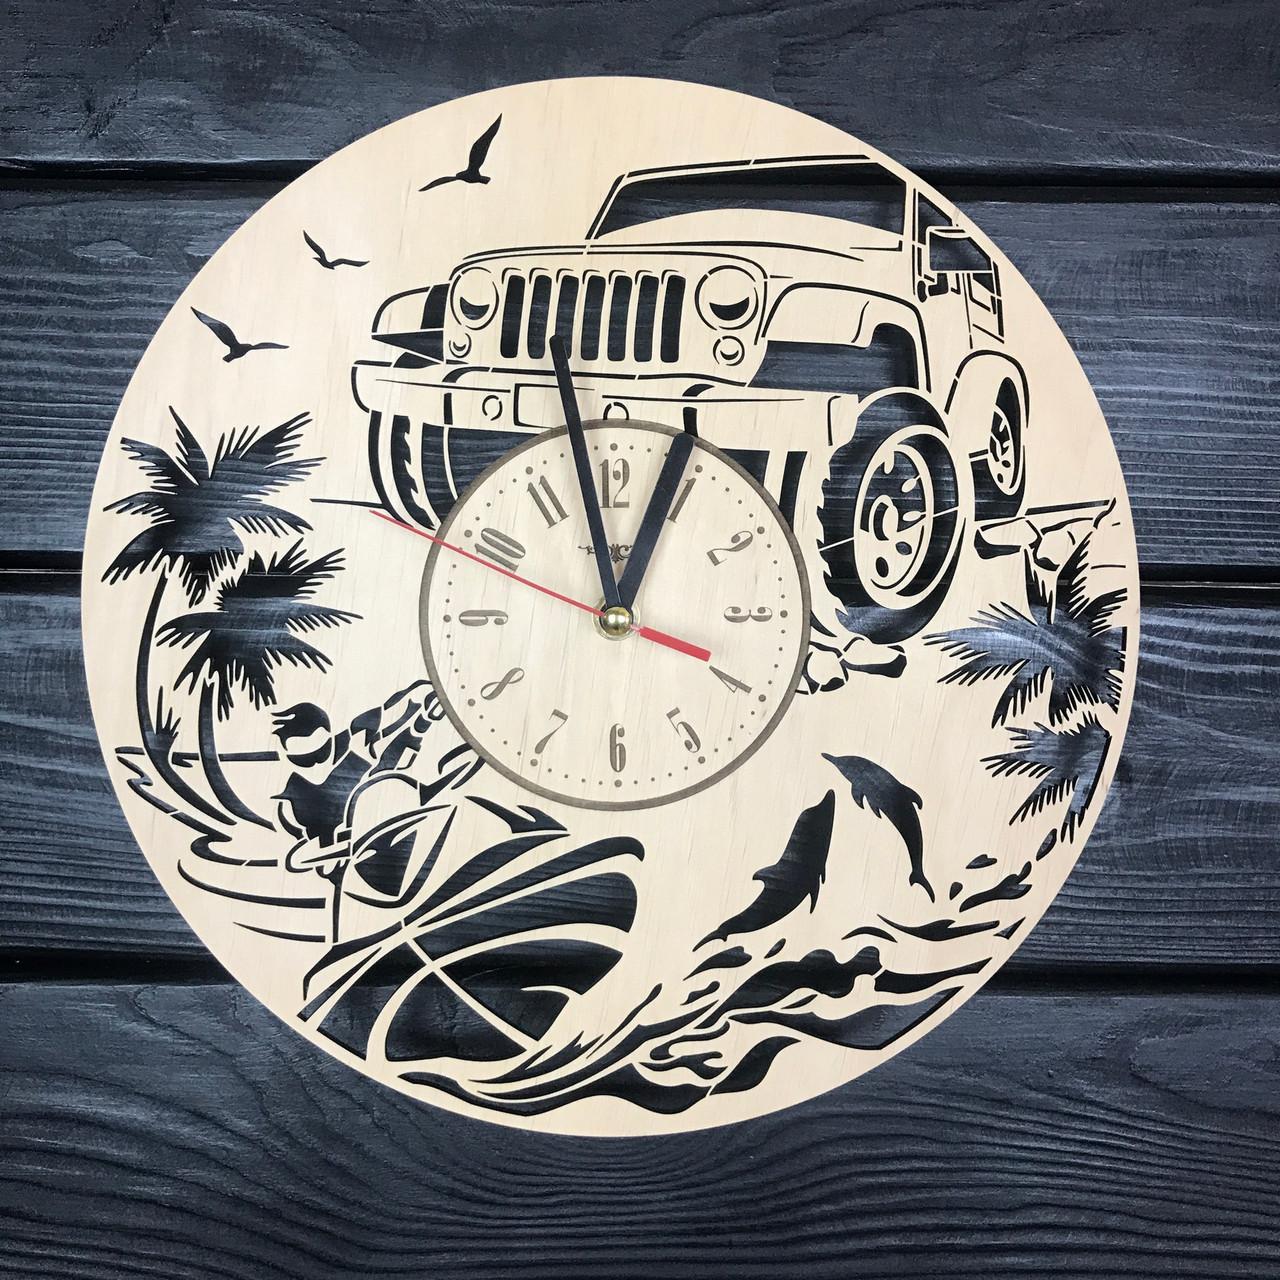 Мужские дизайнерские настенные часы из дерева